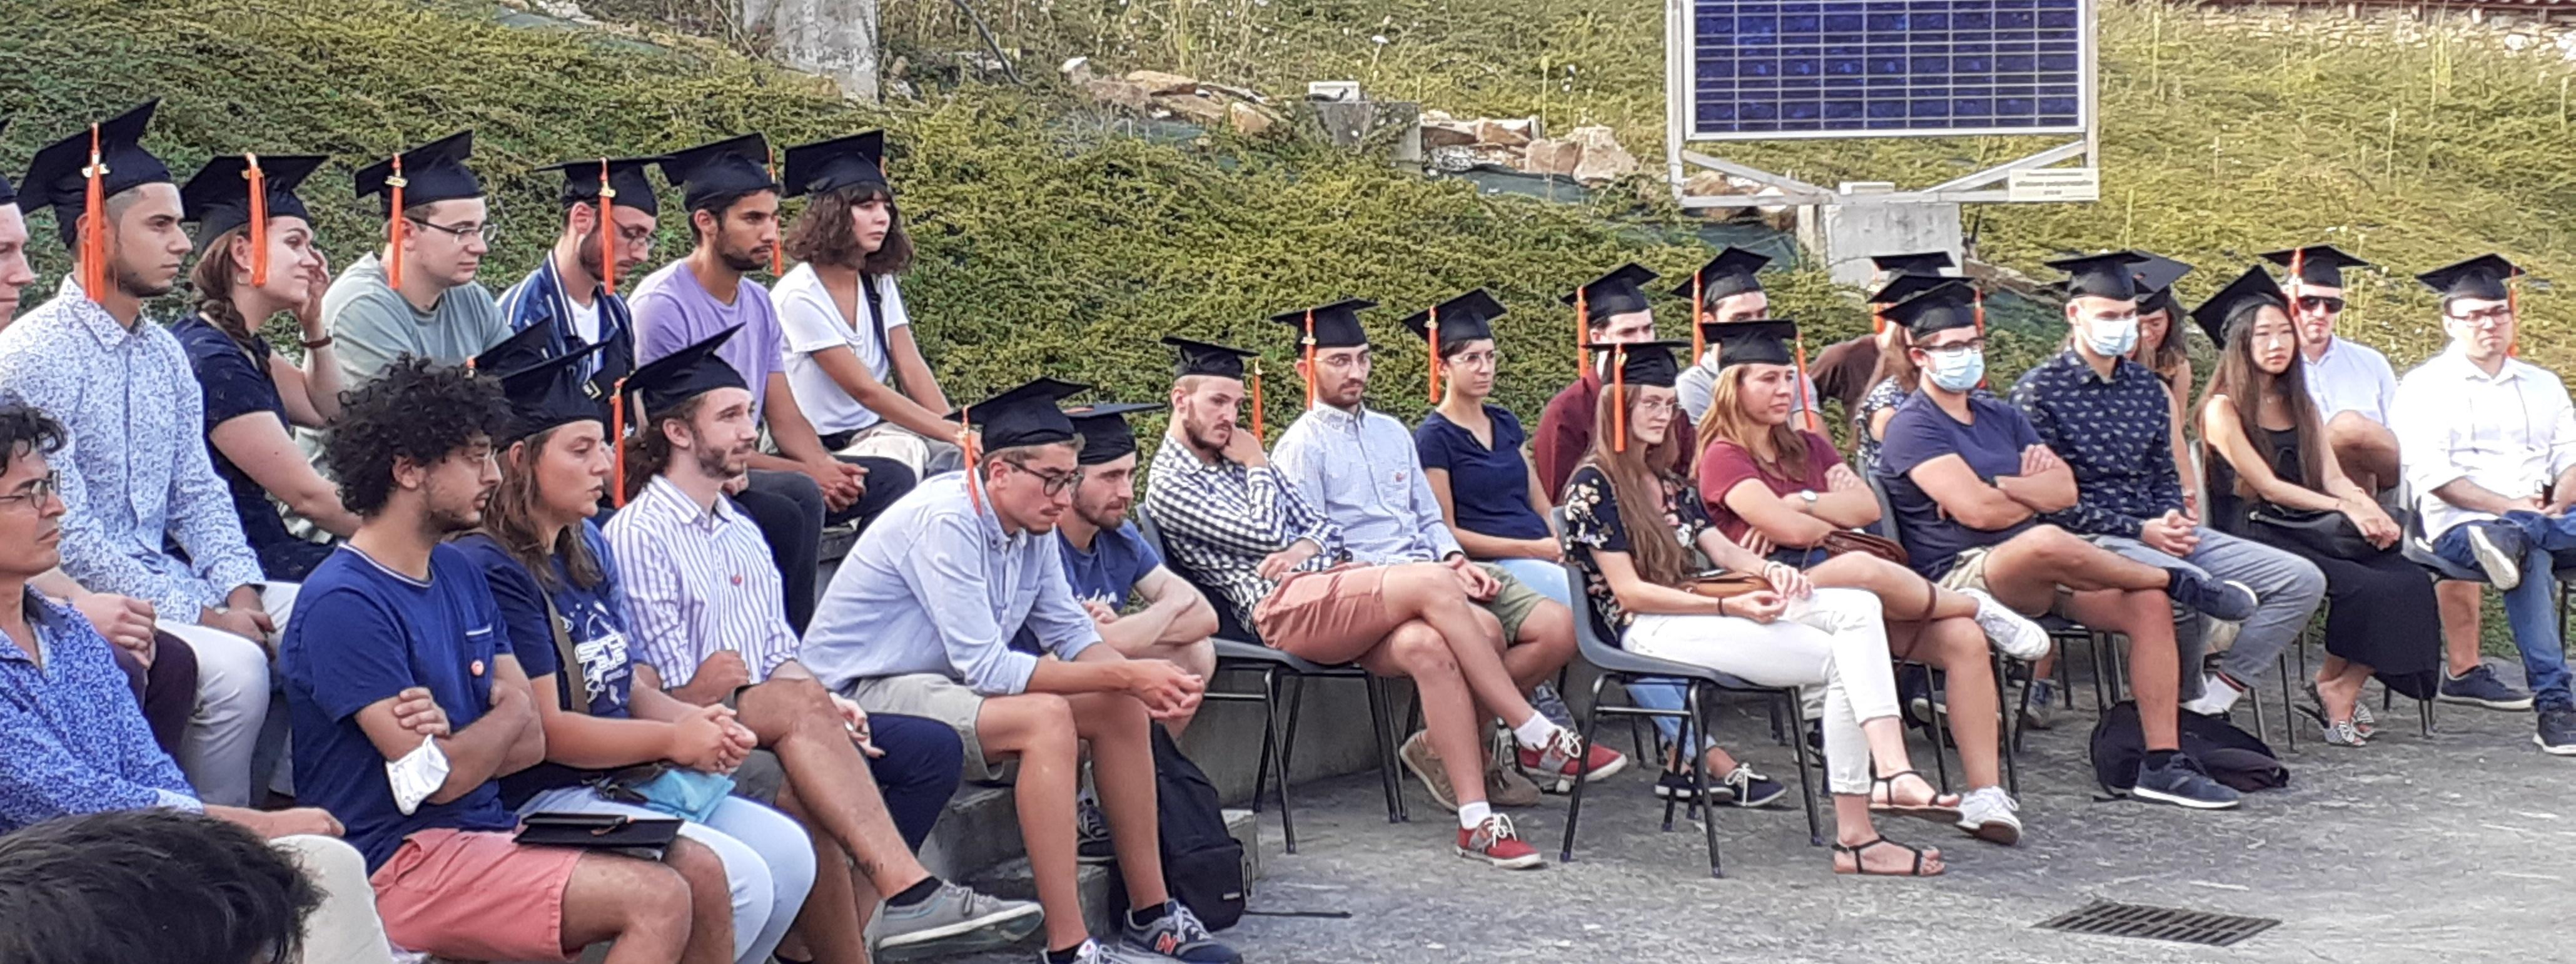 les diplômés